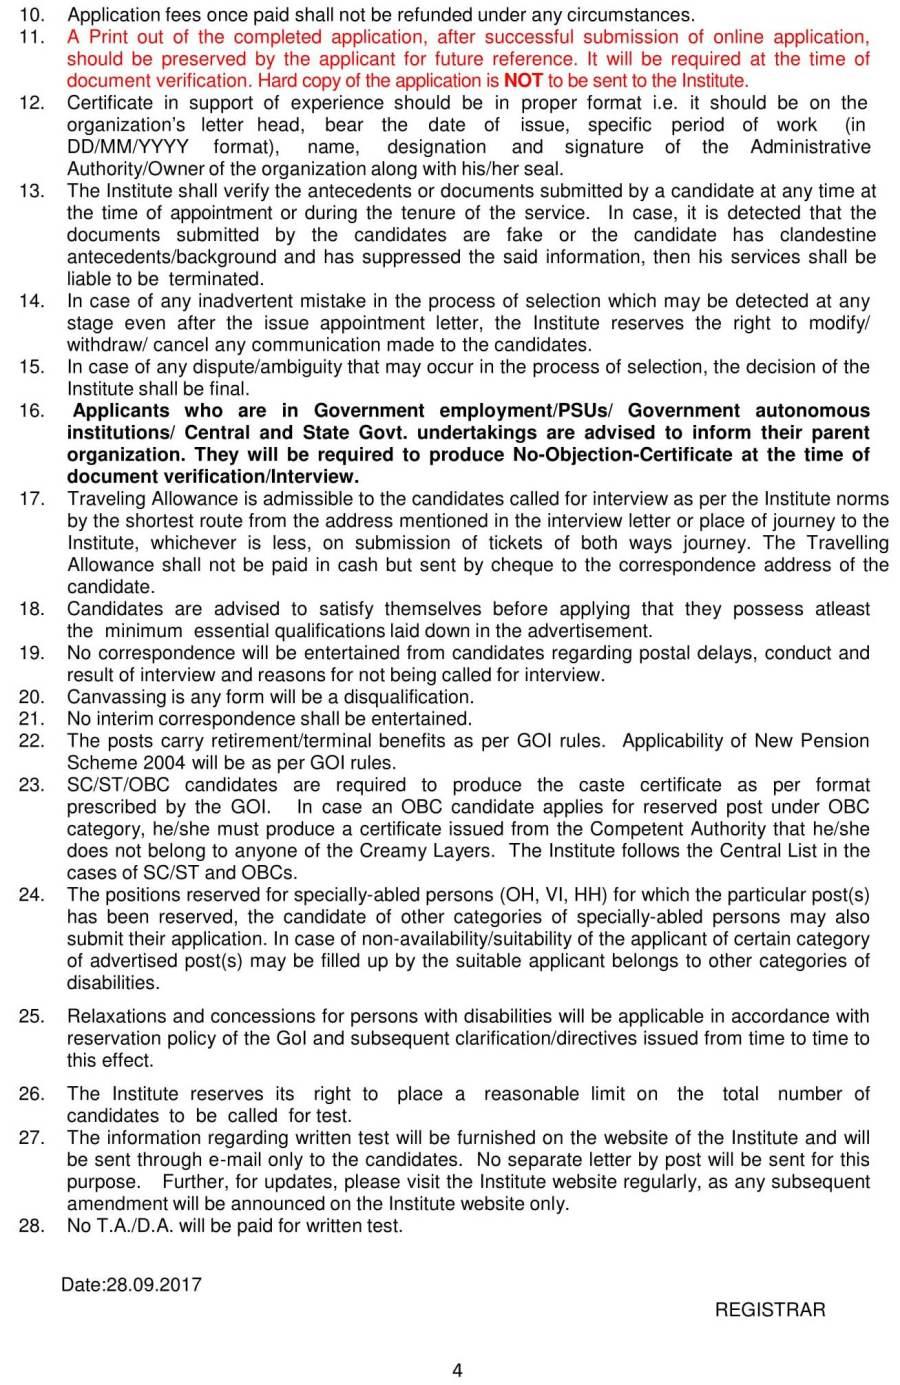 Advt_1_2017_18_New-4.jpg